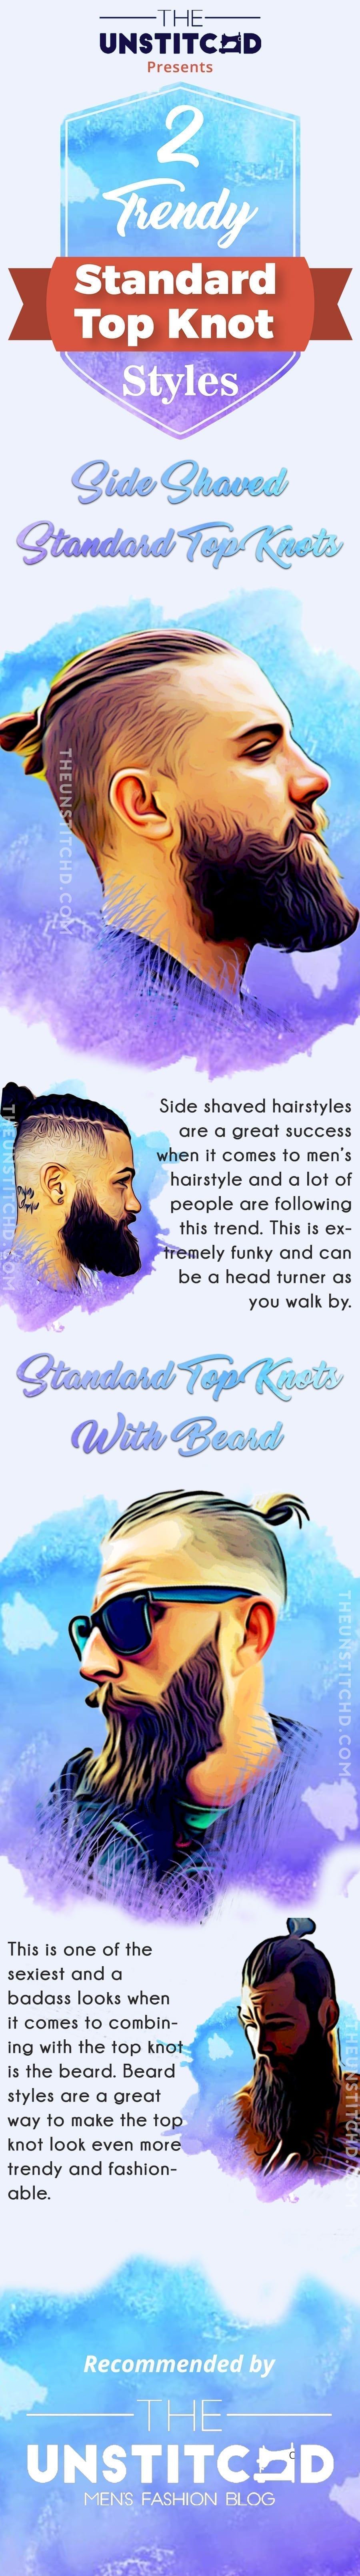 standard-top-knot-info